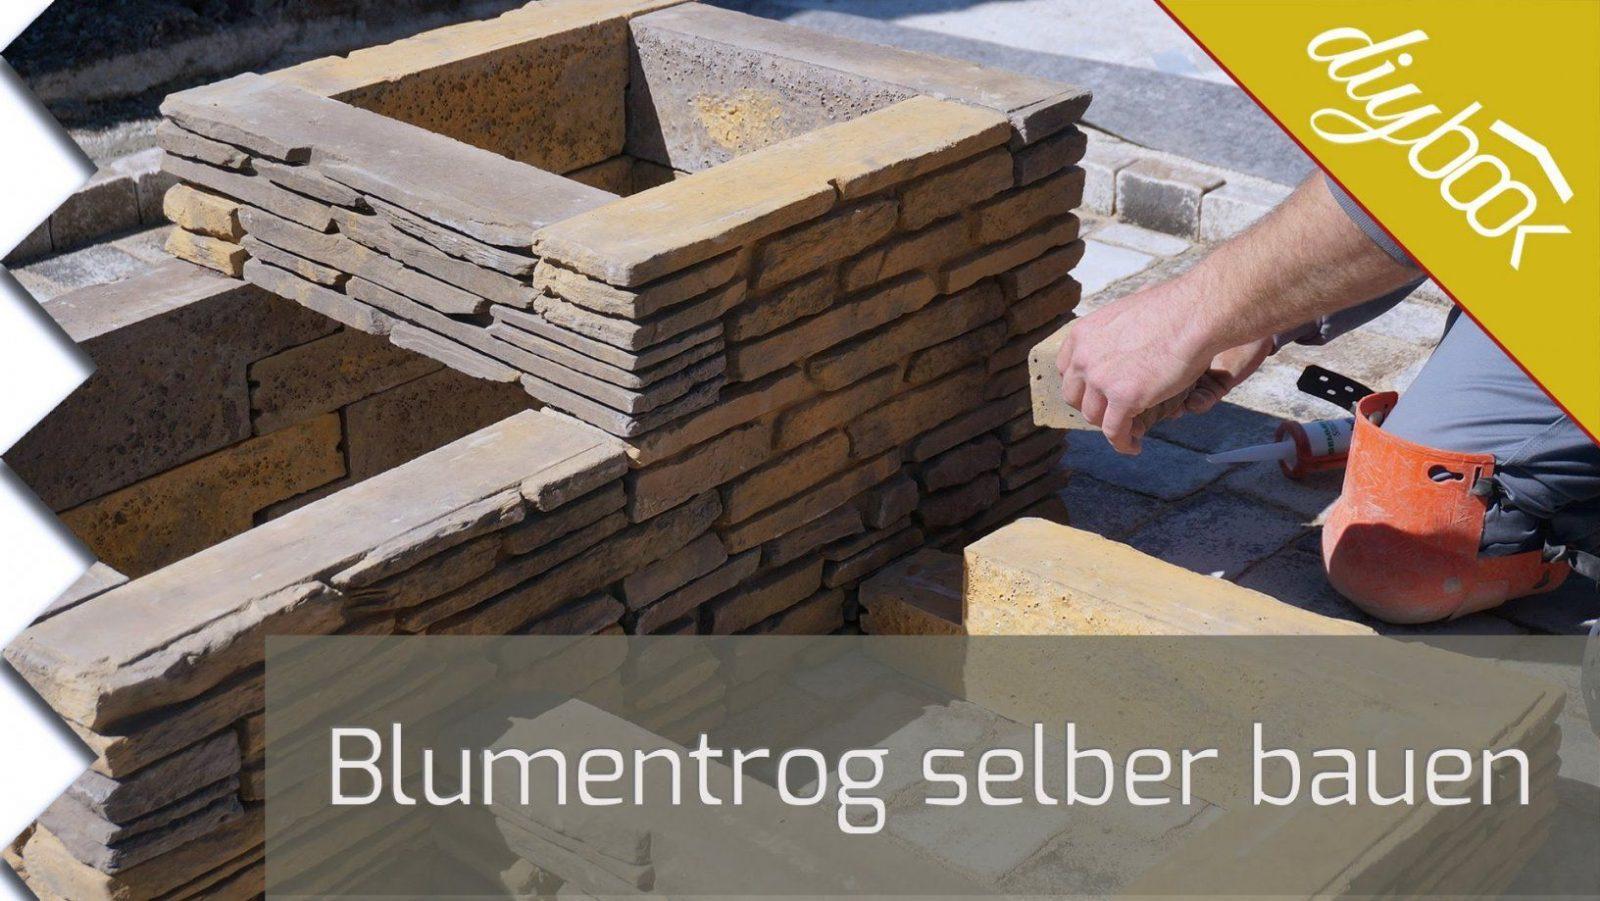 Blumentrog Selber Bauen  Eine Aufbauanleitung  Youtube von Holz Blumenkübel Selber Bauen Bild